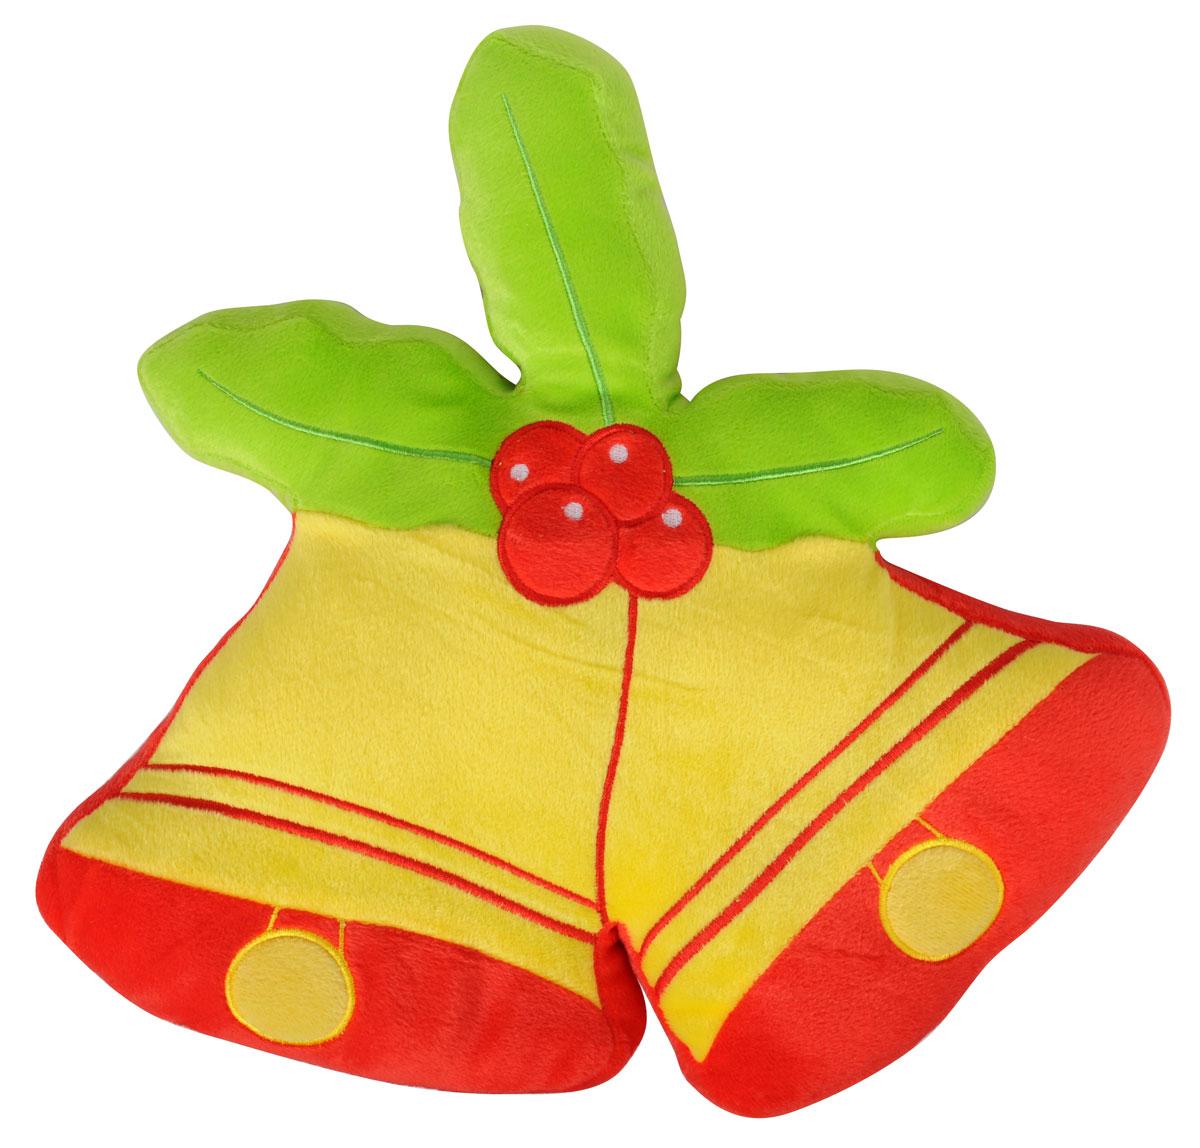 Подушка декоративная Home Queen Колокольчики, 38 х 36 смBL-1BДекоративная подушка Home Queen Колокольчики - это и игрушка, и предмет интерьера, и оригинальная подушка для автомобиля. Чехол подушки выполнен из полиэстровой ворсистой ткани. Внутри мягкий синтепоновый наполнитель. Красивая оригинальная подушка станет хорошим подарком и обязательно порадует получателя. Материал верха: 100% полиэстер. Наполнитель: синтепон. Размер подушки: 38 см х 36 см.